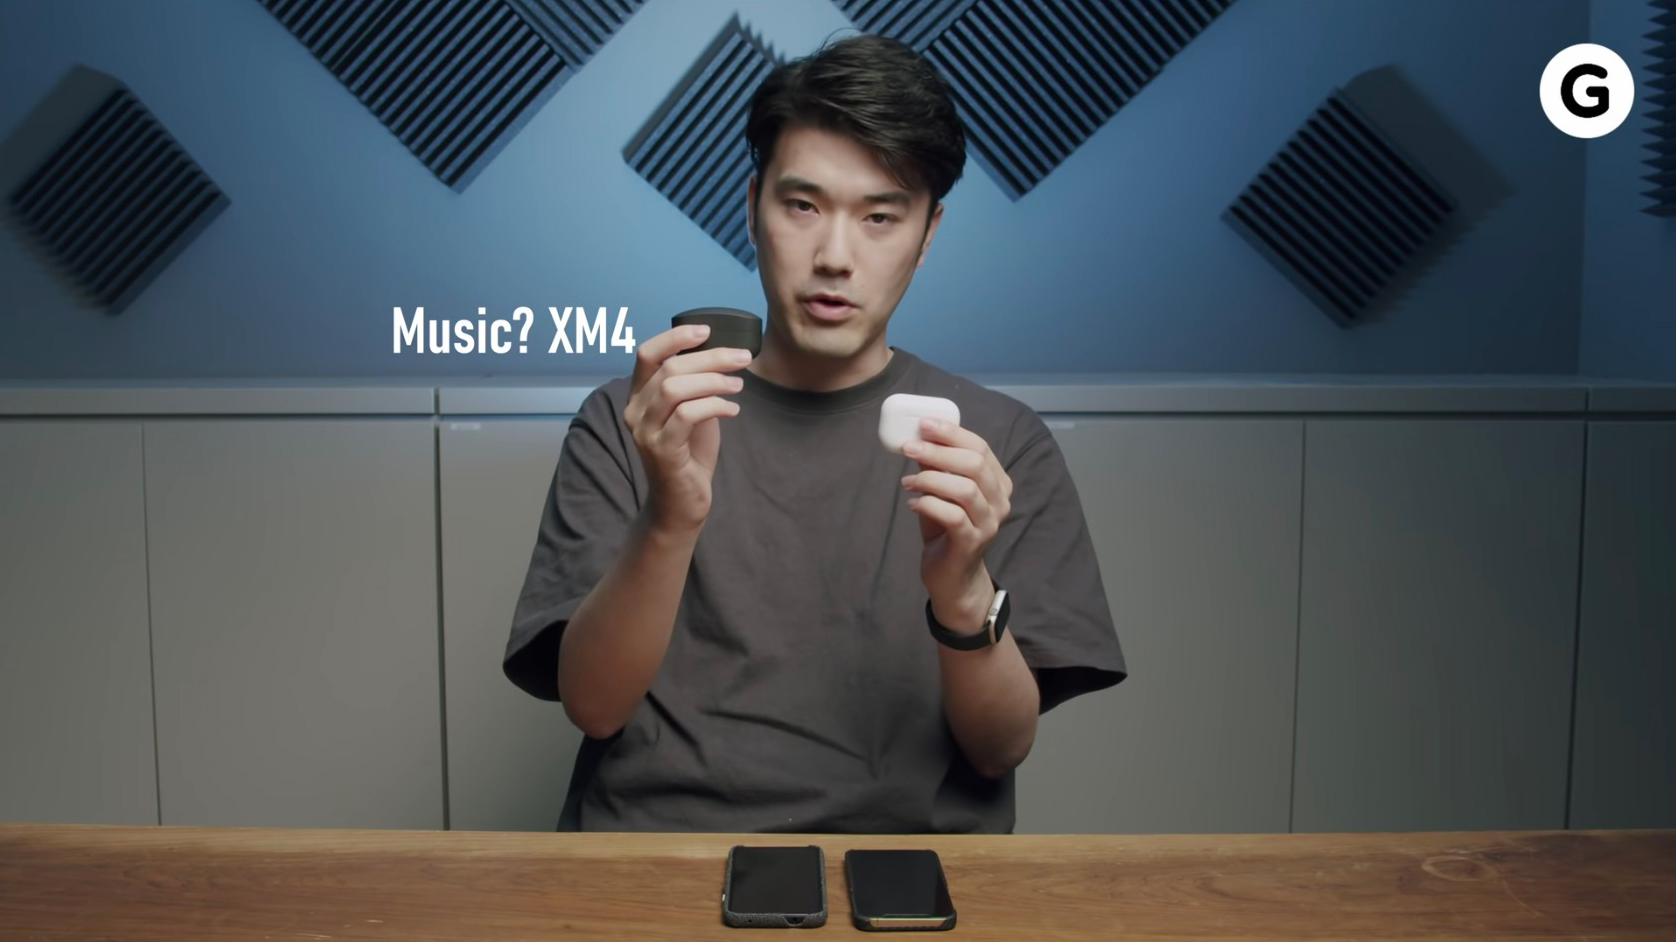 音質? 通話性? Appleユーザーが「WF-1000XM4」を導入するとこうなった